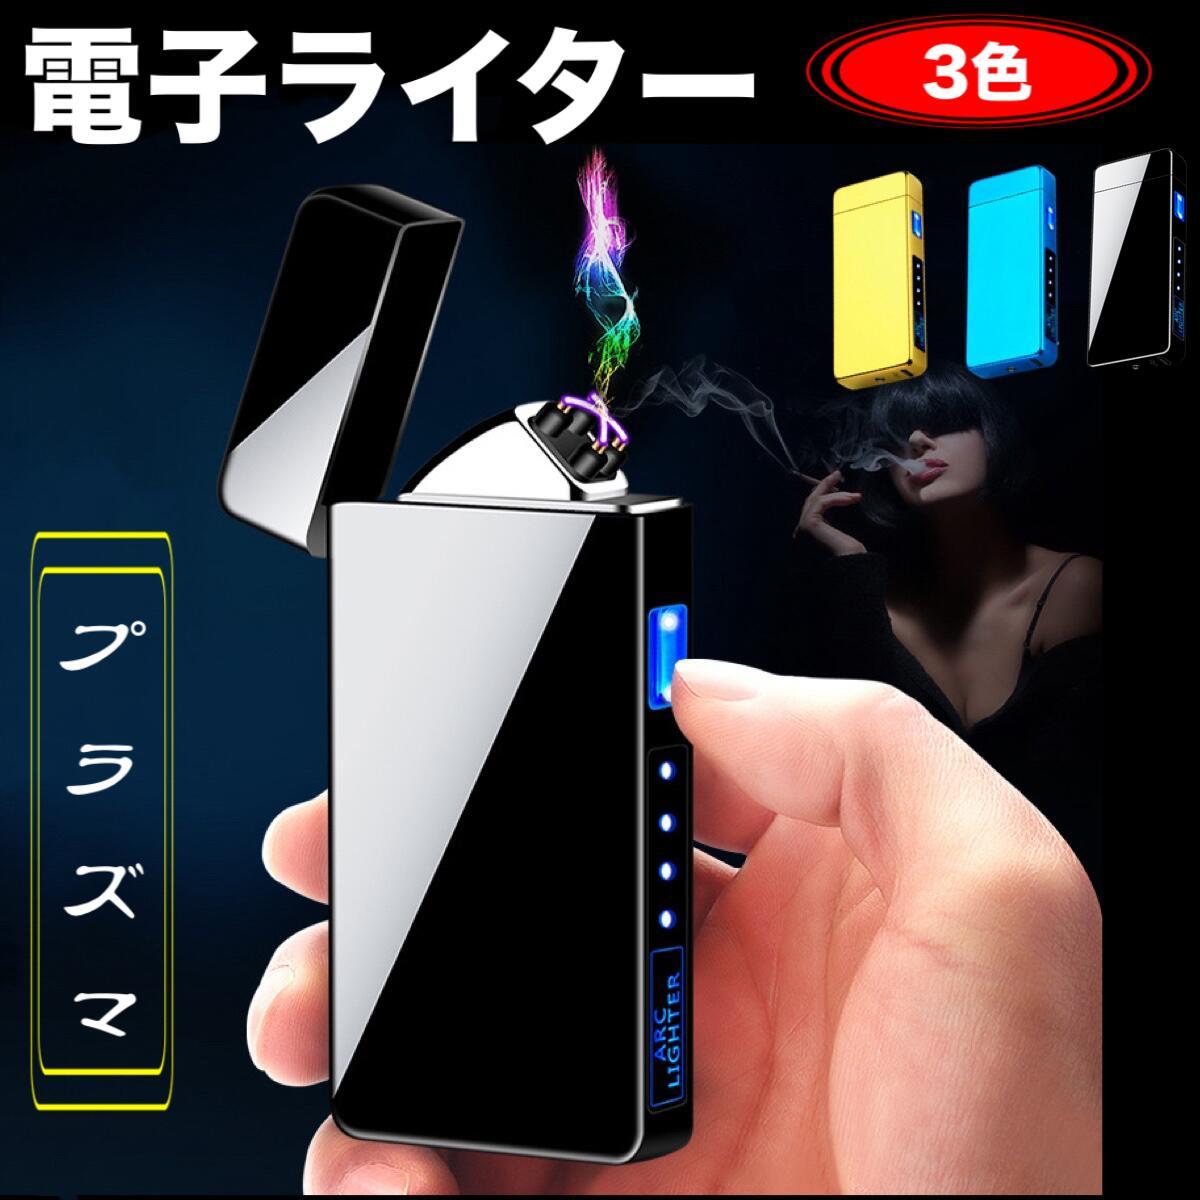 おしゃれ プレゼントに最適 電子ライター セール特価 USB充電式 プラズマ マーケティング 電気 usb ライター 防風 プレゼント ガス オイル不要 薄型 軽量 小型 充電式